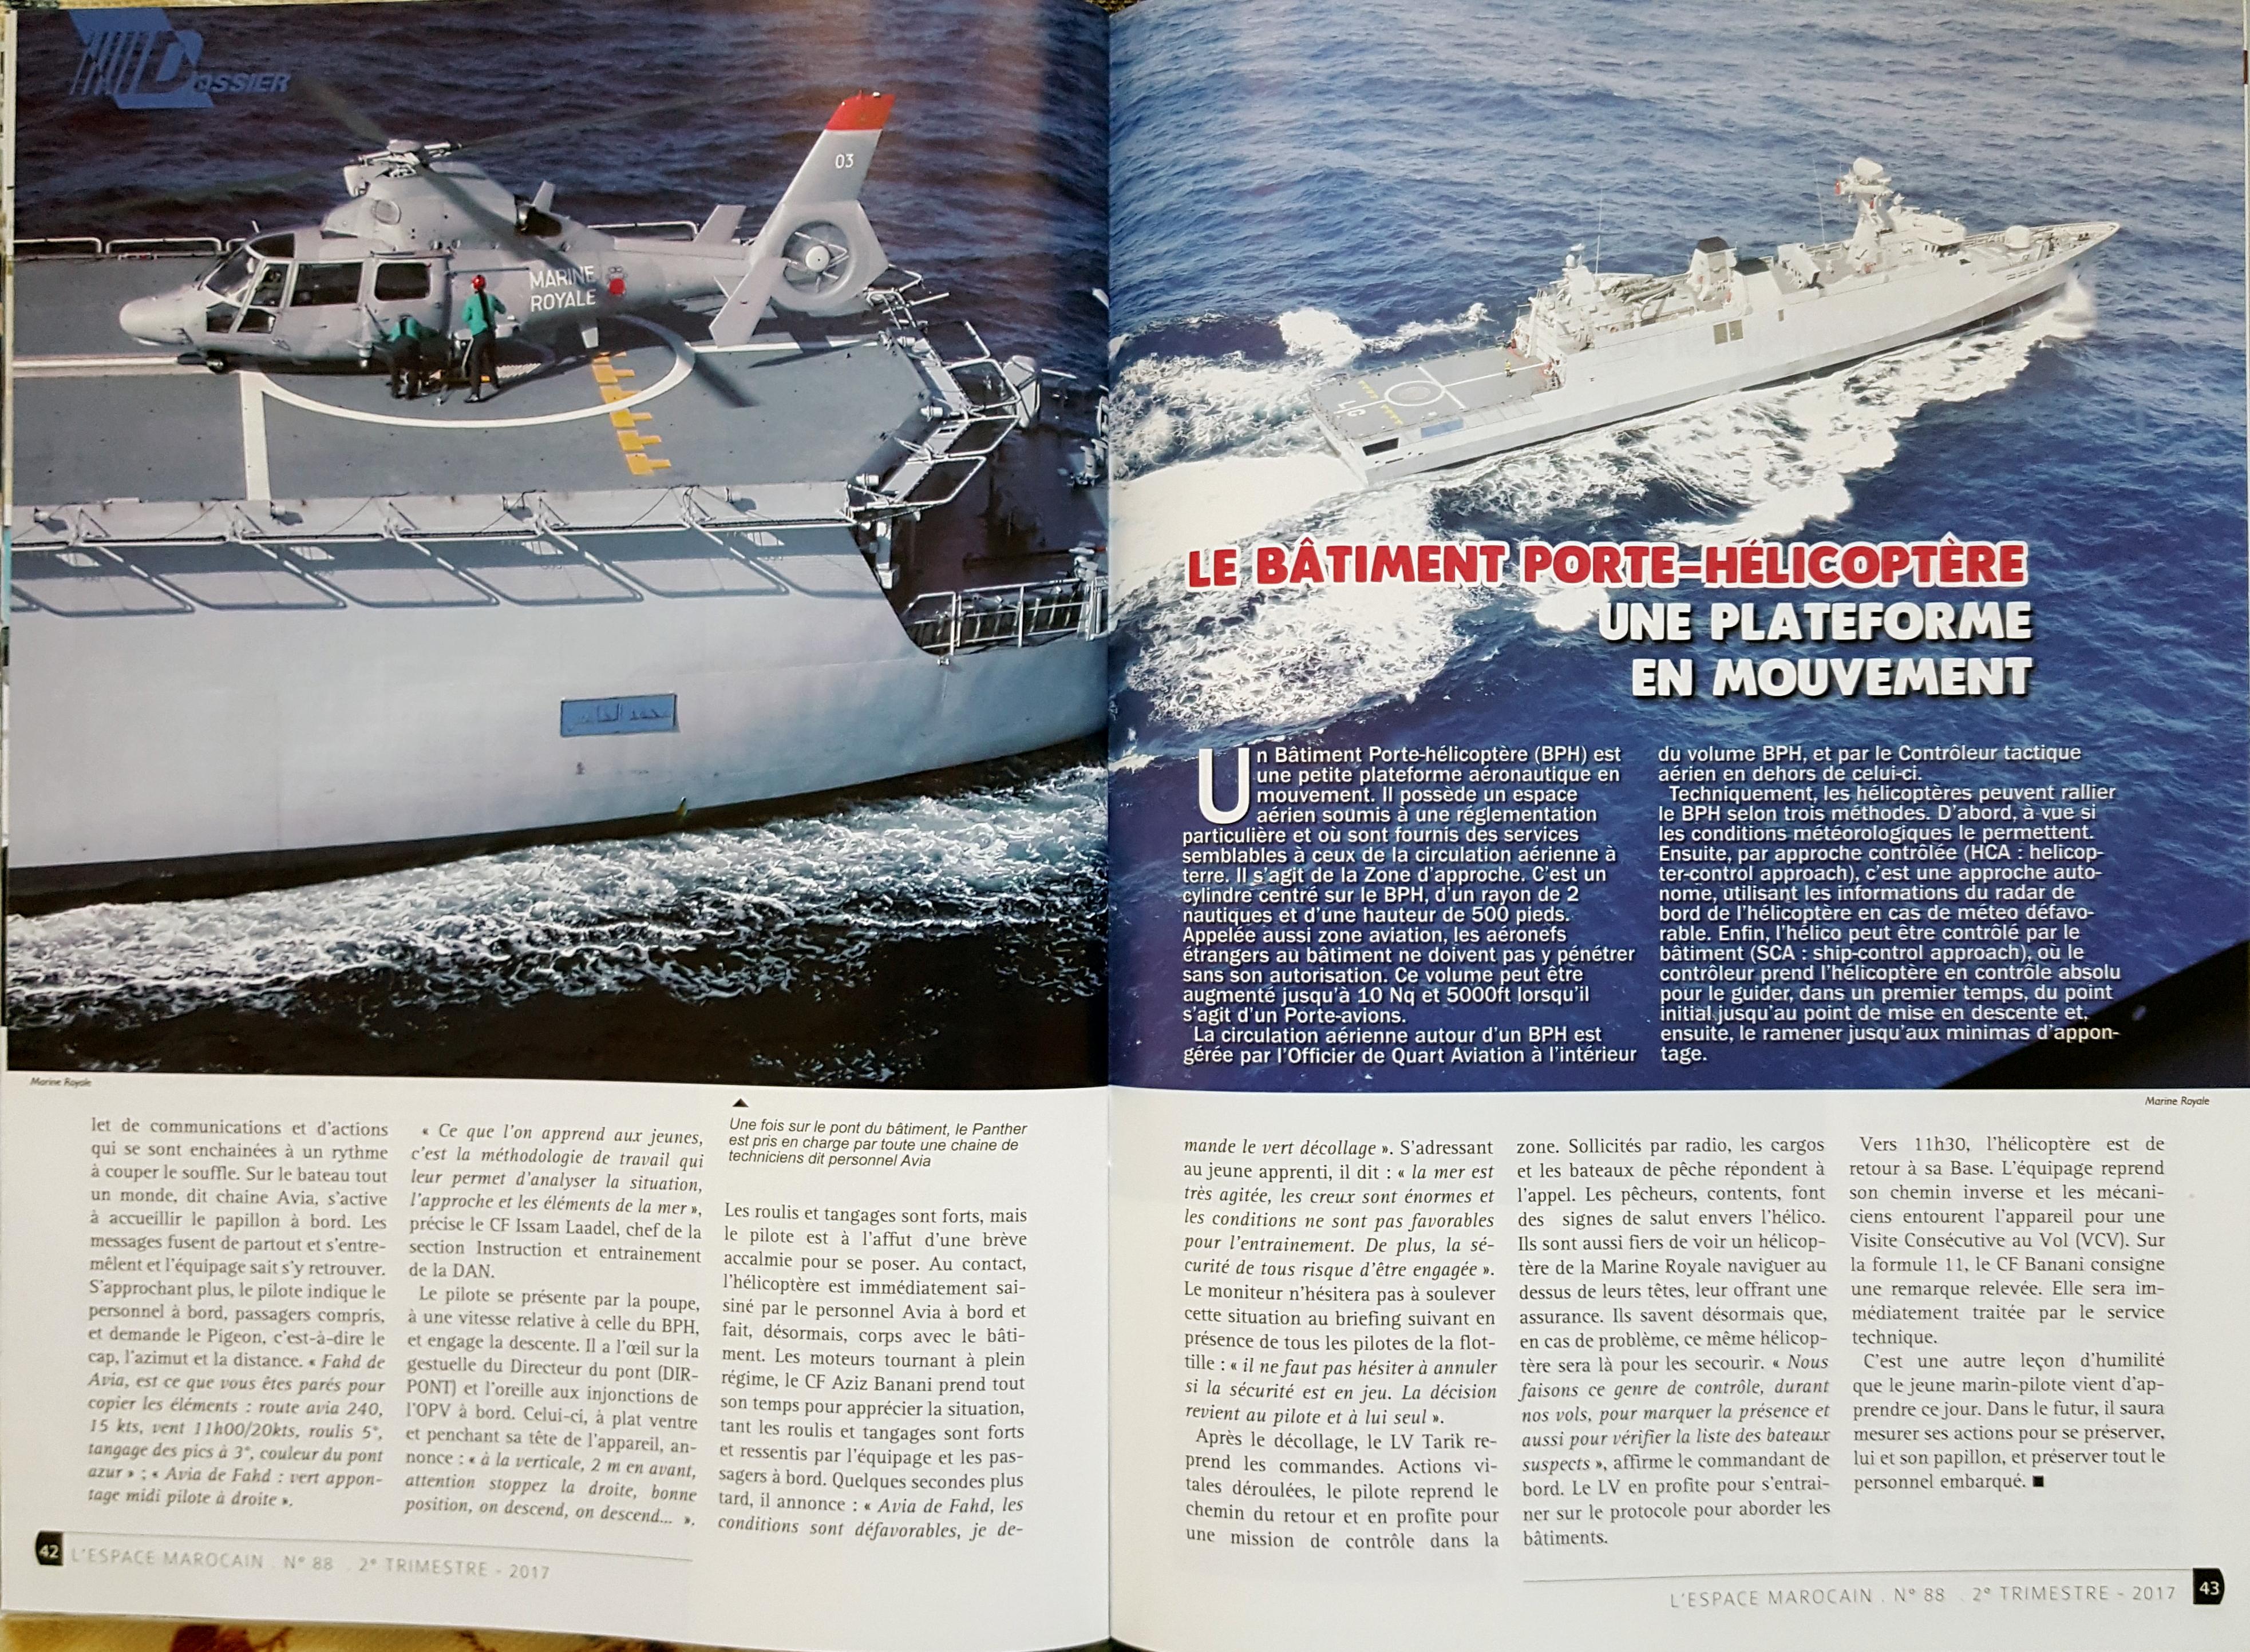 Le Groupement des Flotilles de l'Aéronautique Navale Marocaine - 11F et 21F - Page 6 34772059524_72357b2958_o